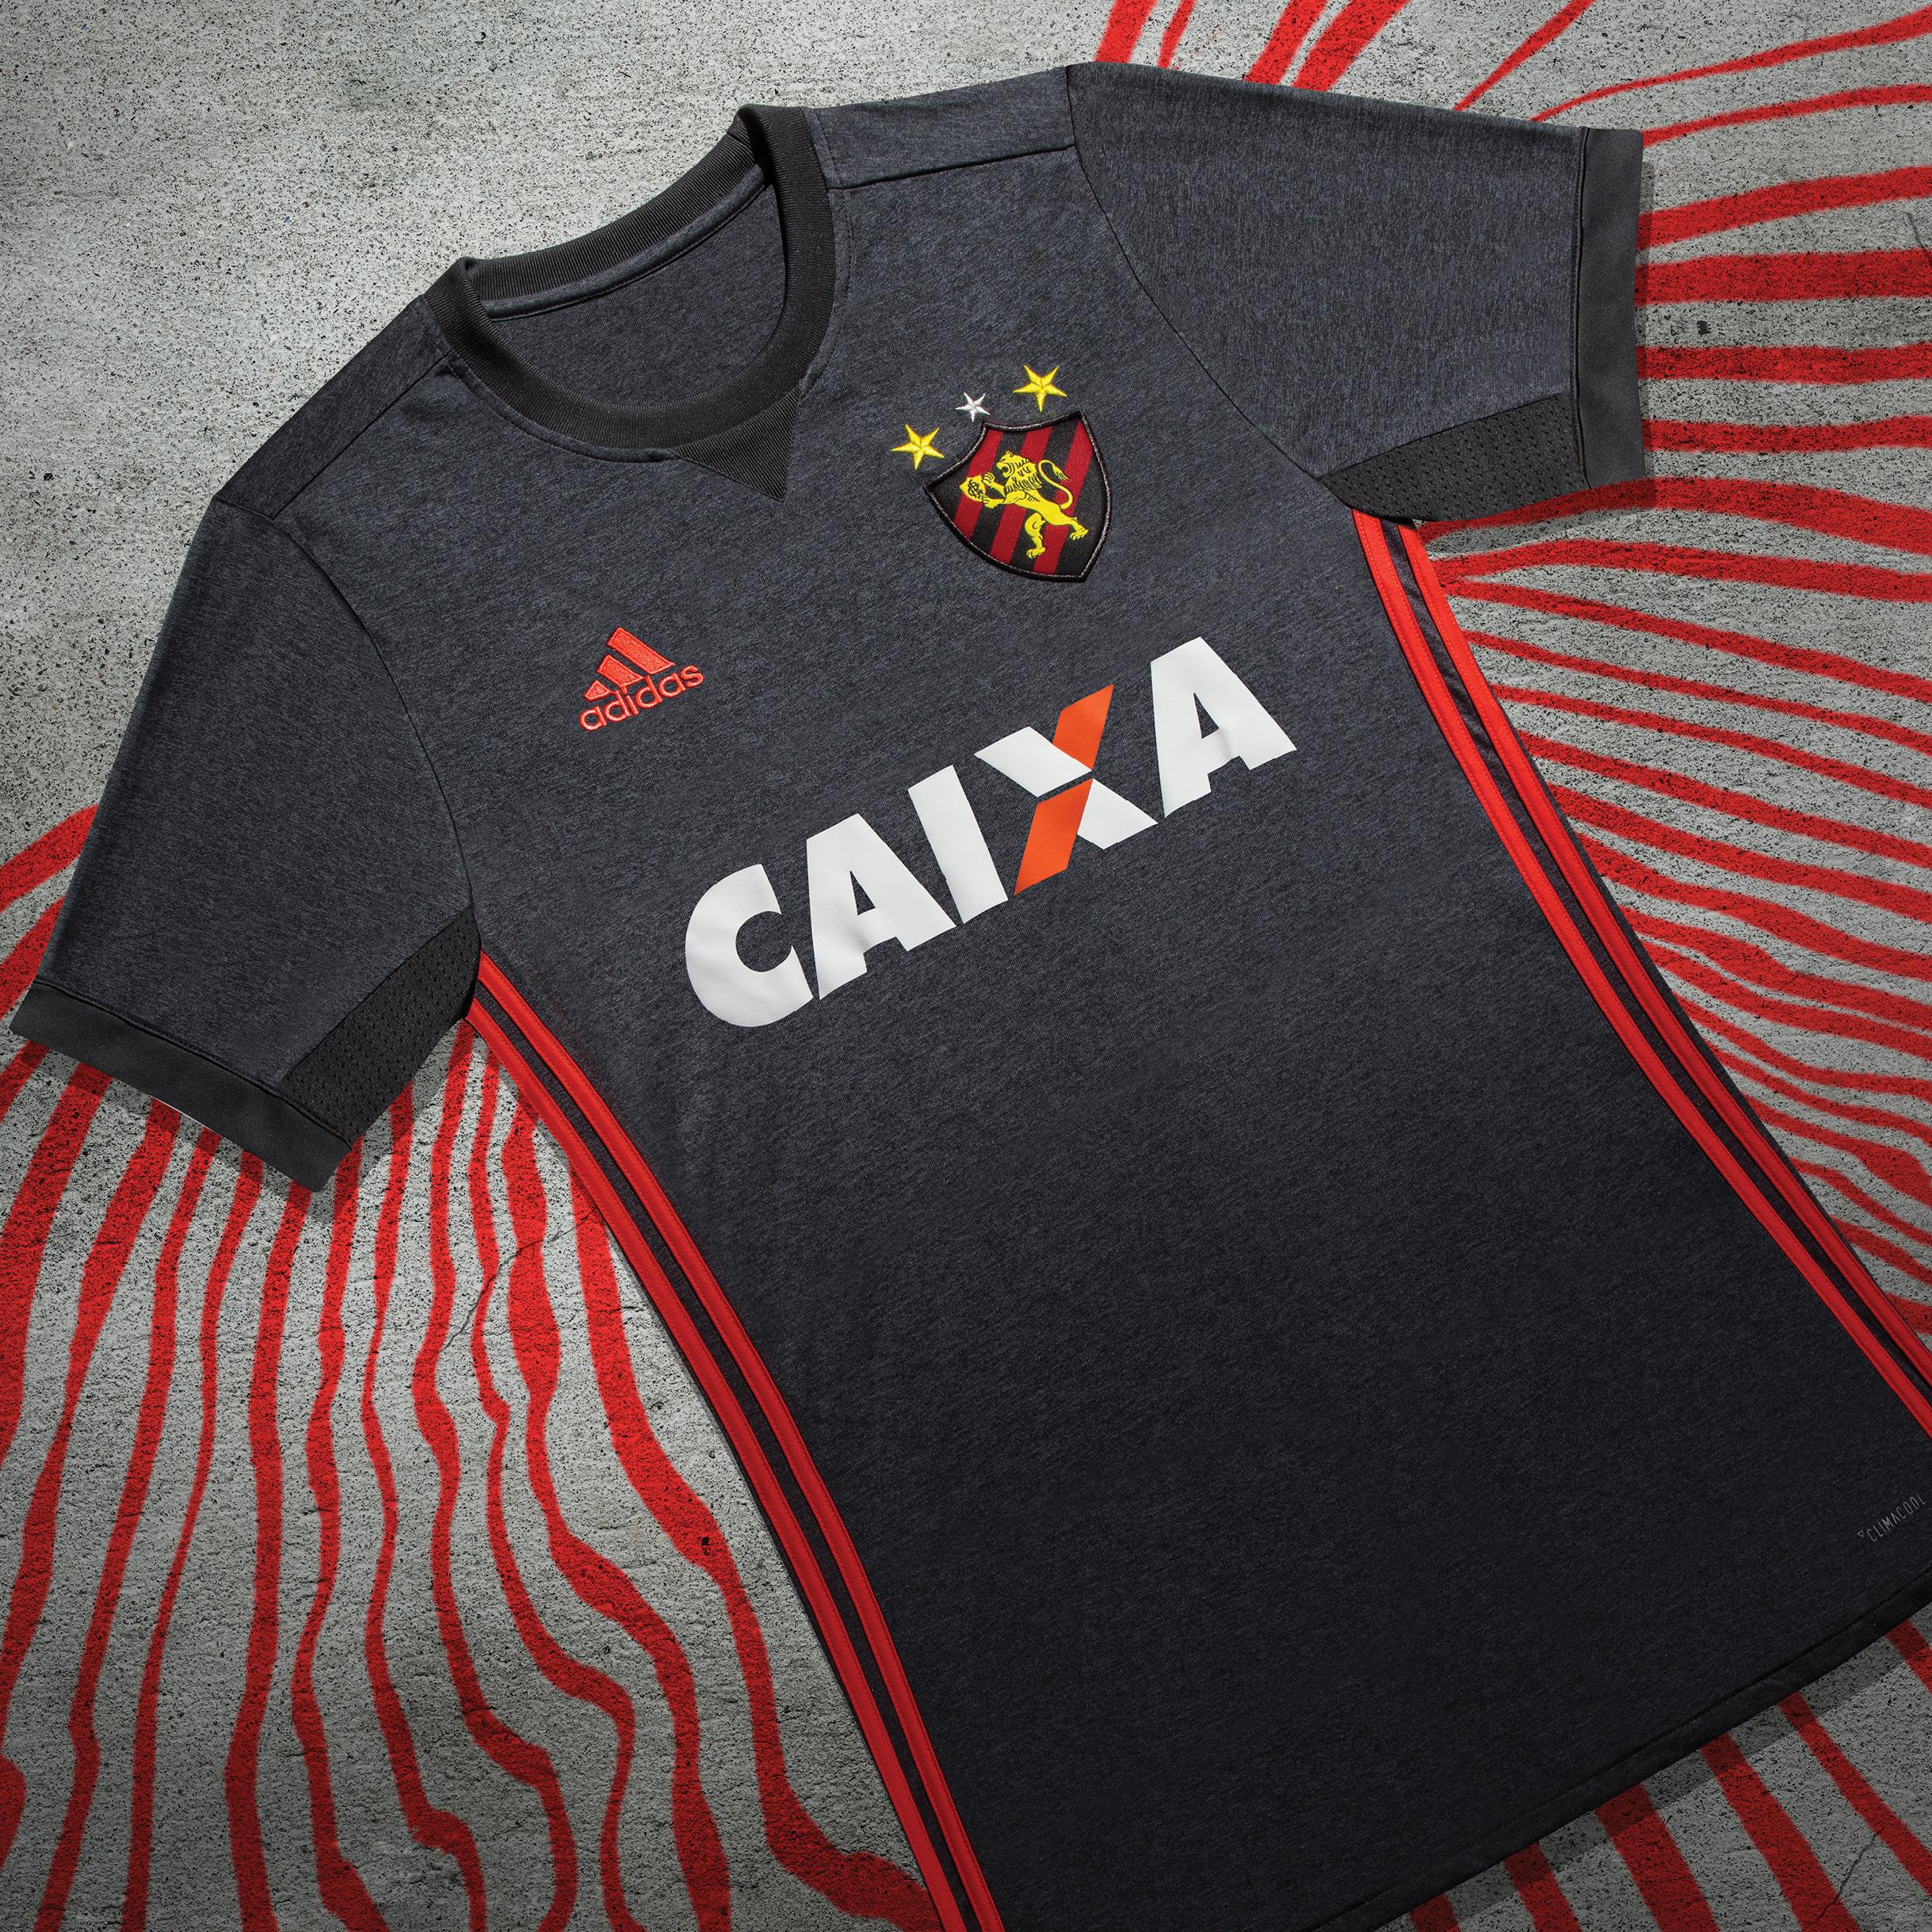 7f9eac6845 Sport inova e apresenta camisa 2 cinza para a temporada